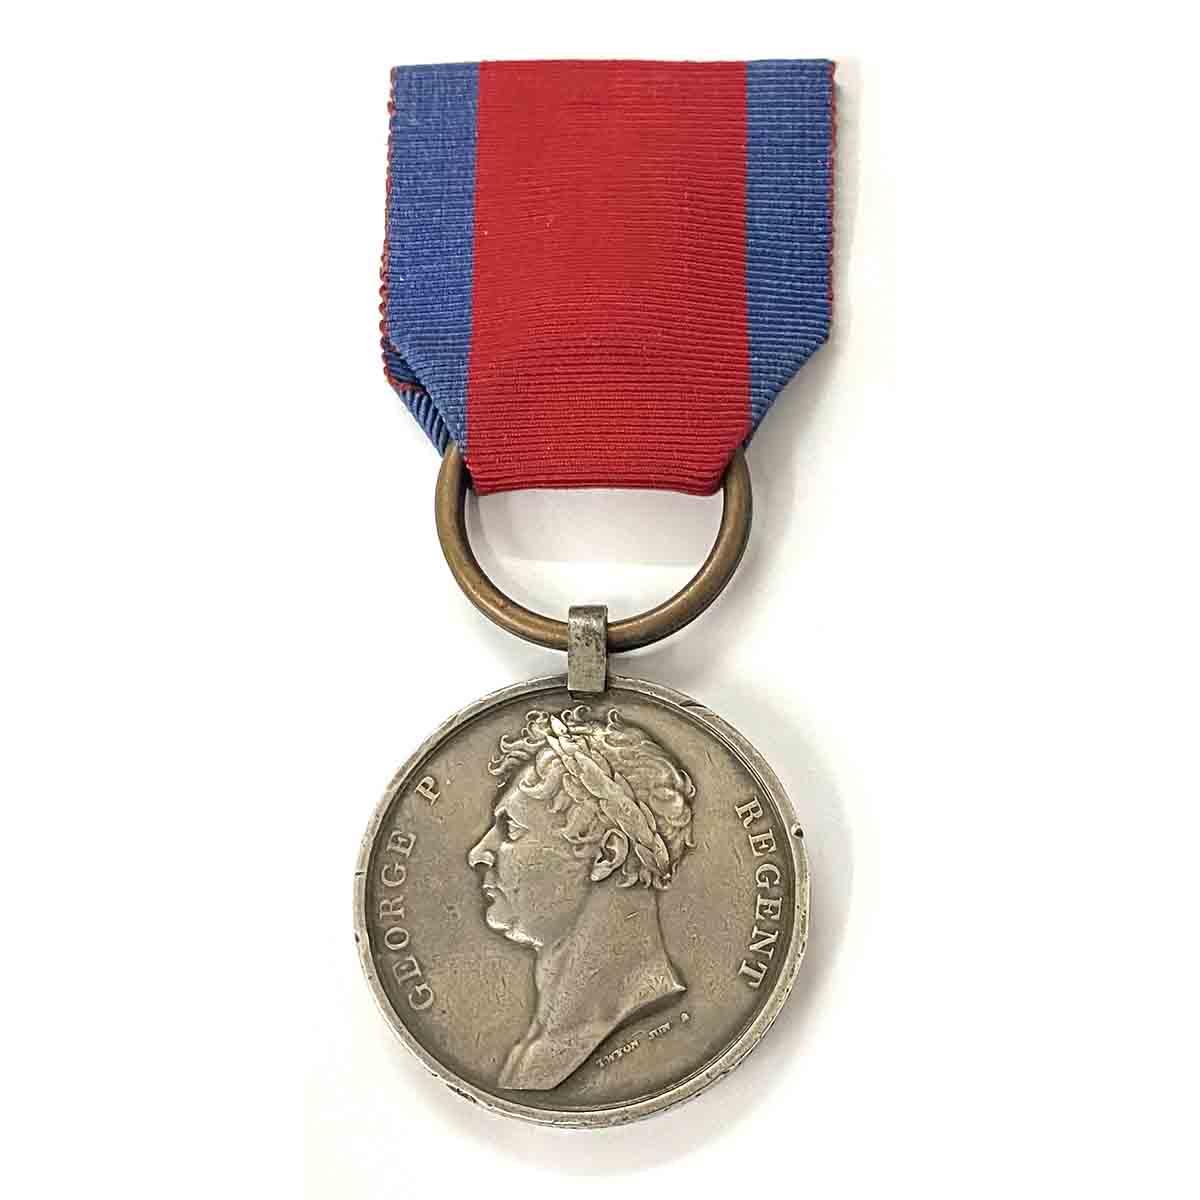 Waterloo 1815 32nd Cornwall Regt 1